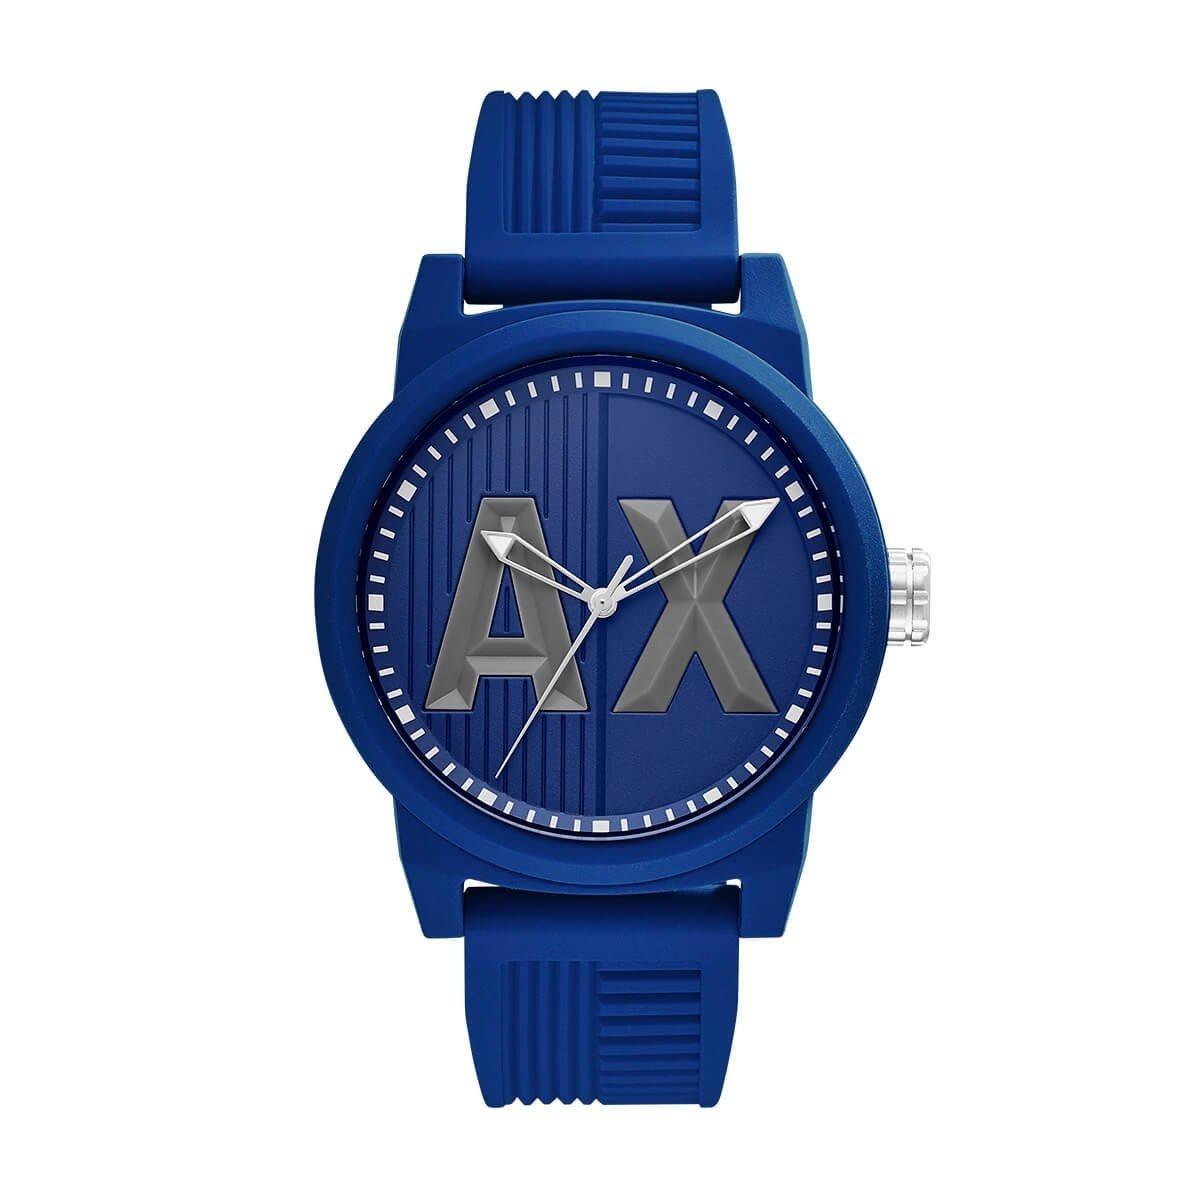 1409509dd6f8 reloj armani hombre tienda oficial ax1454. Cargando zoom.